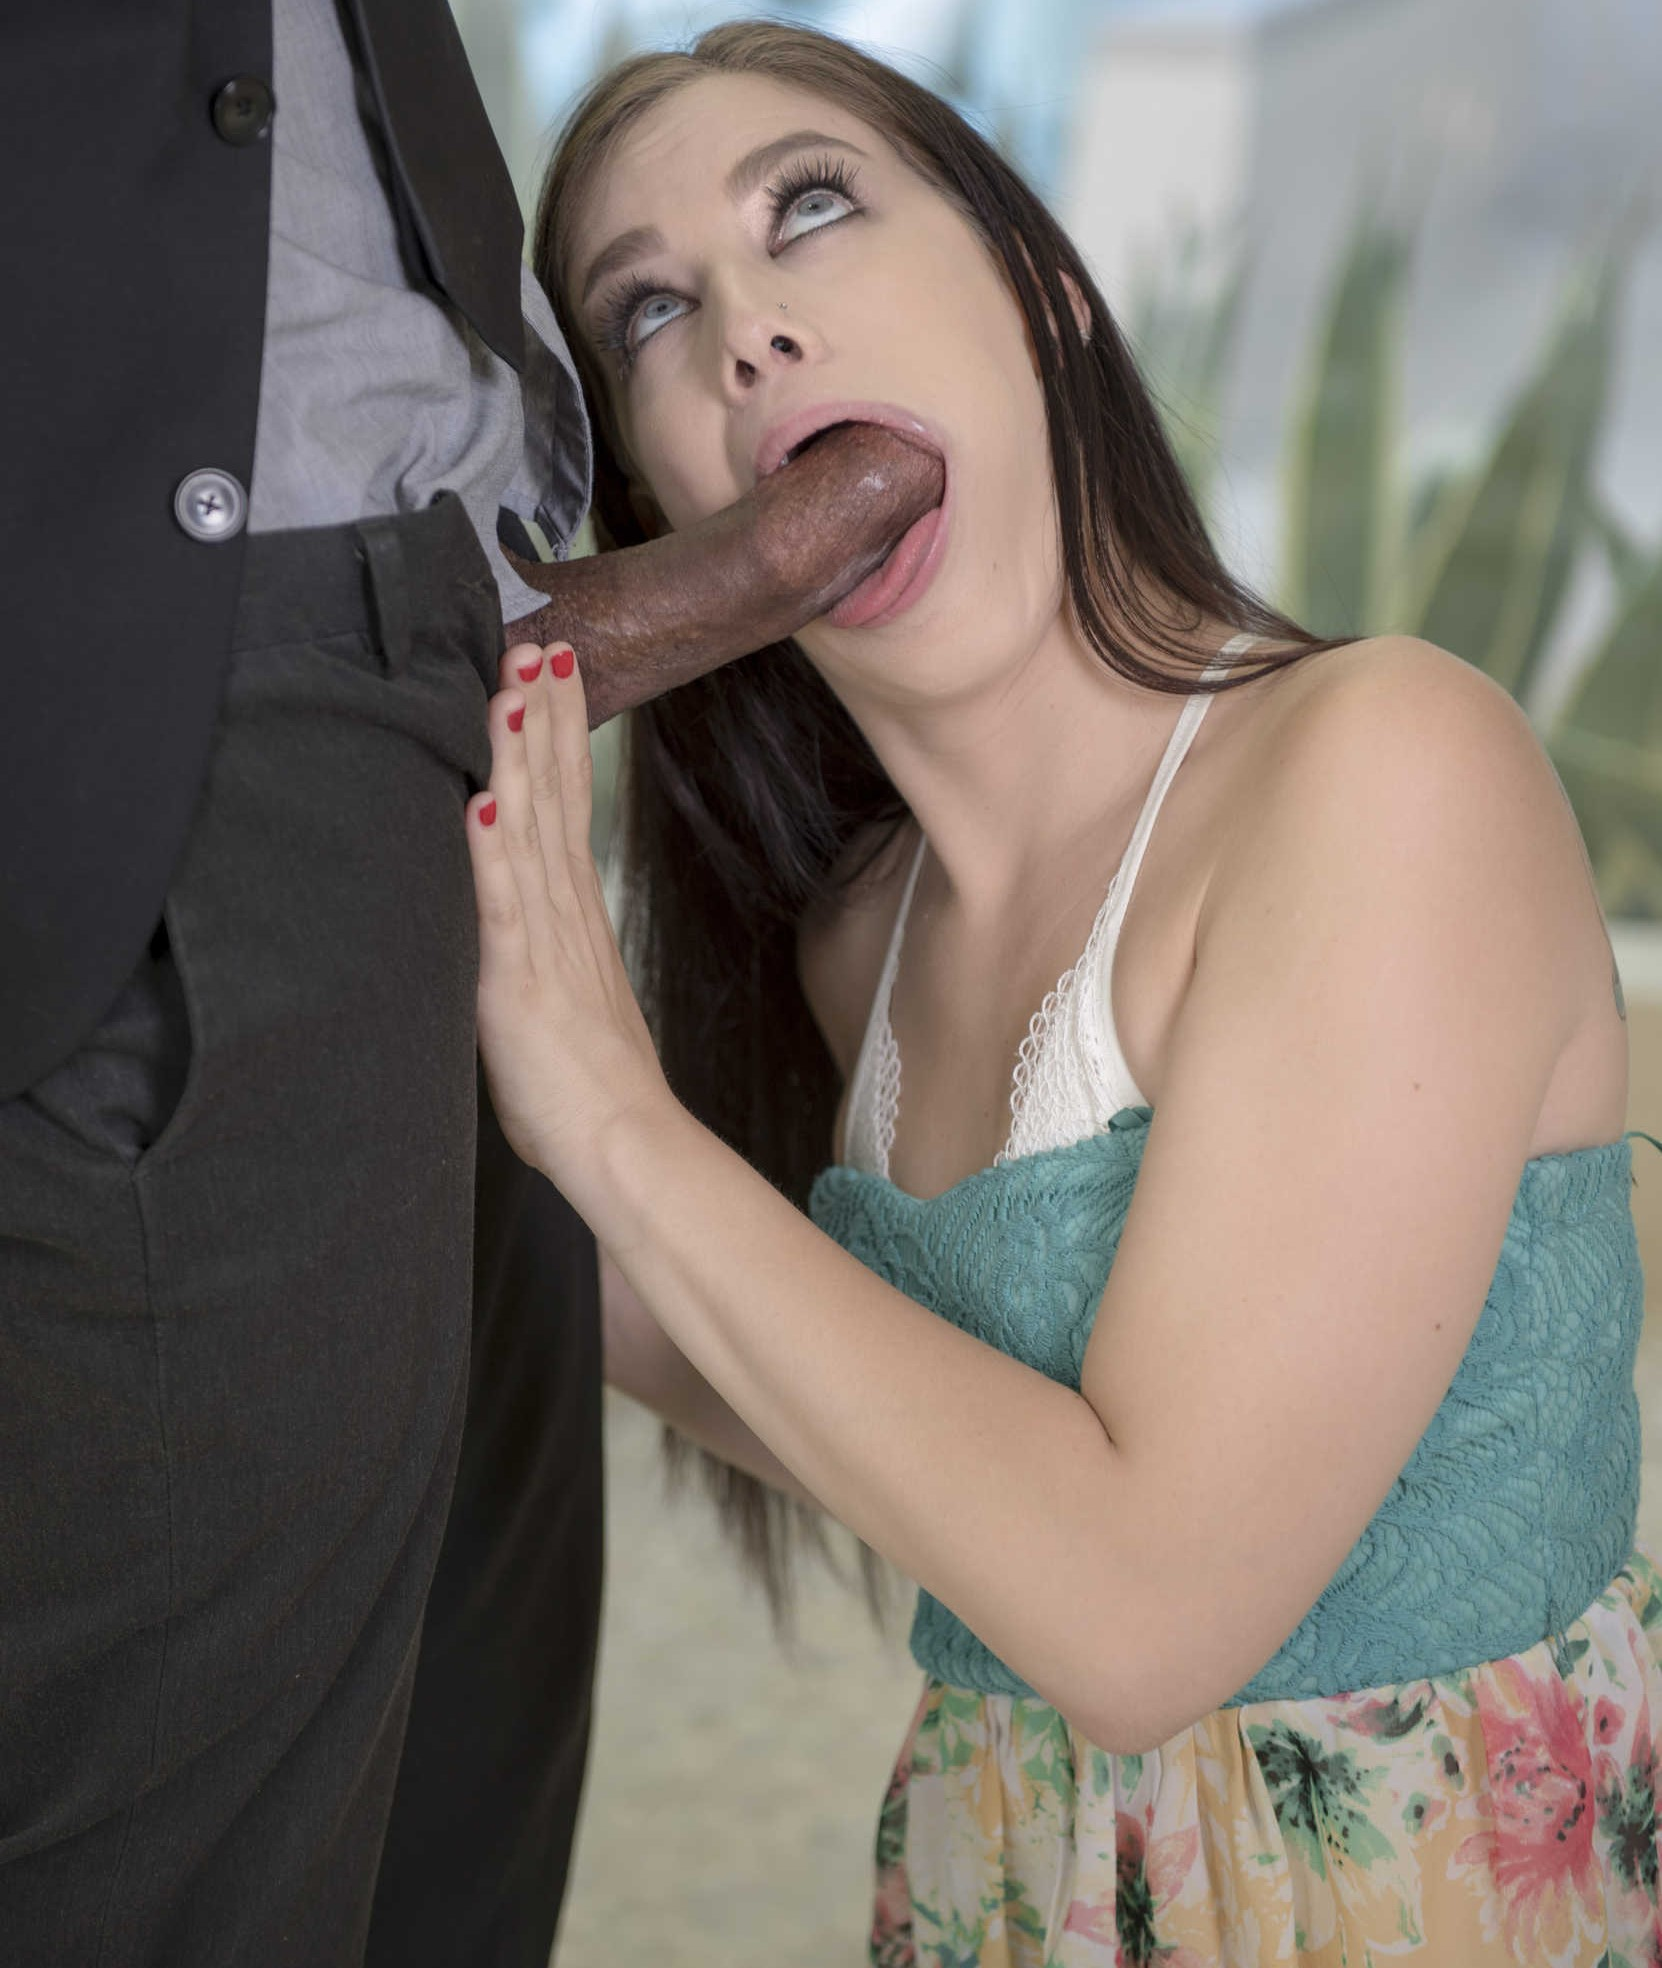 Bobbi Dylan - una verga negra para su boca y conchita